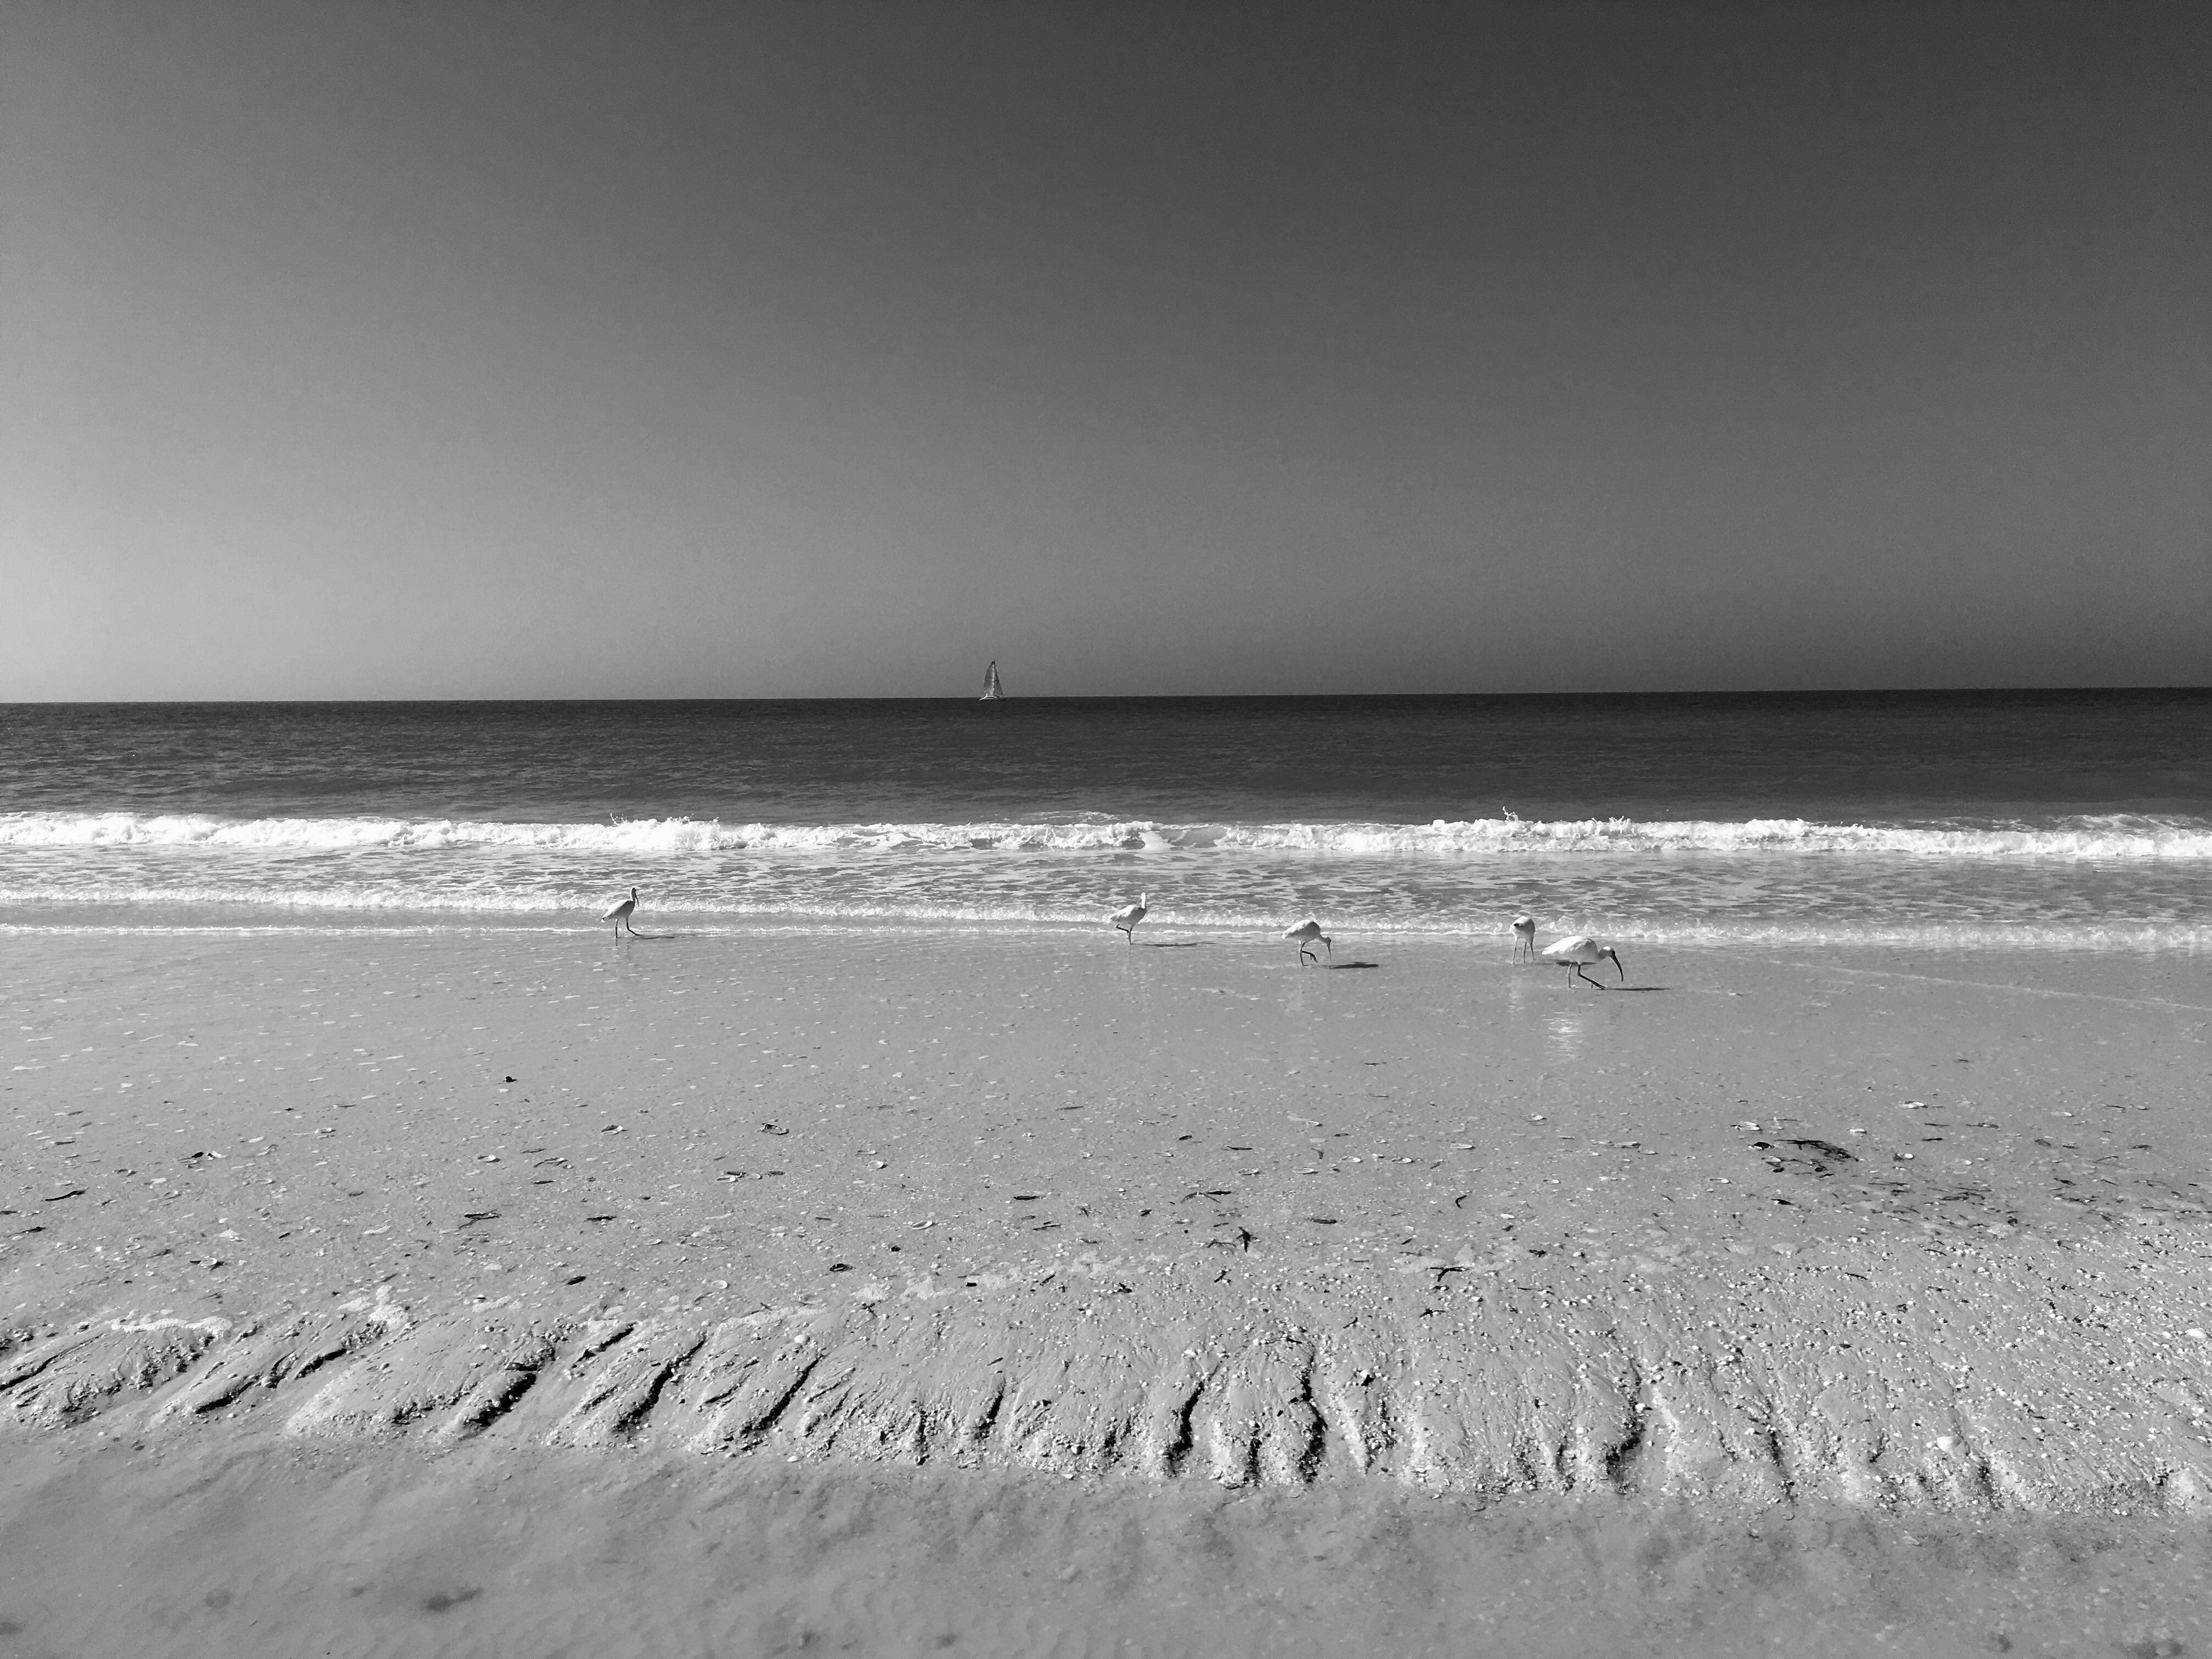 Sfondi Mare Bianco E Nero Corpo Dacqua Puntellare Spiaggia